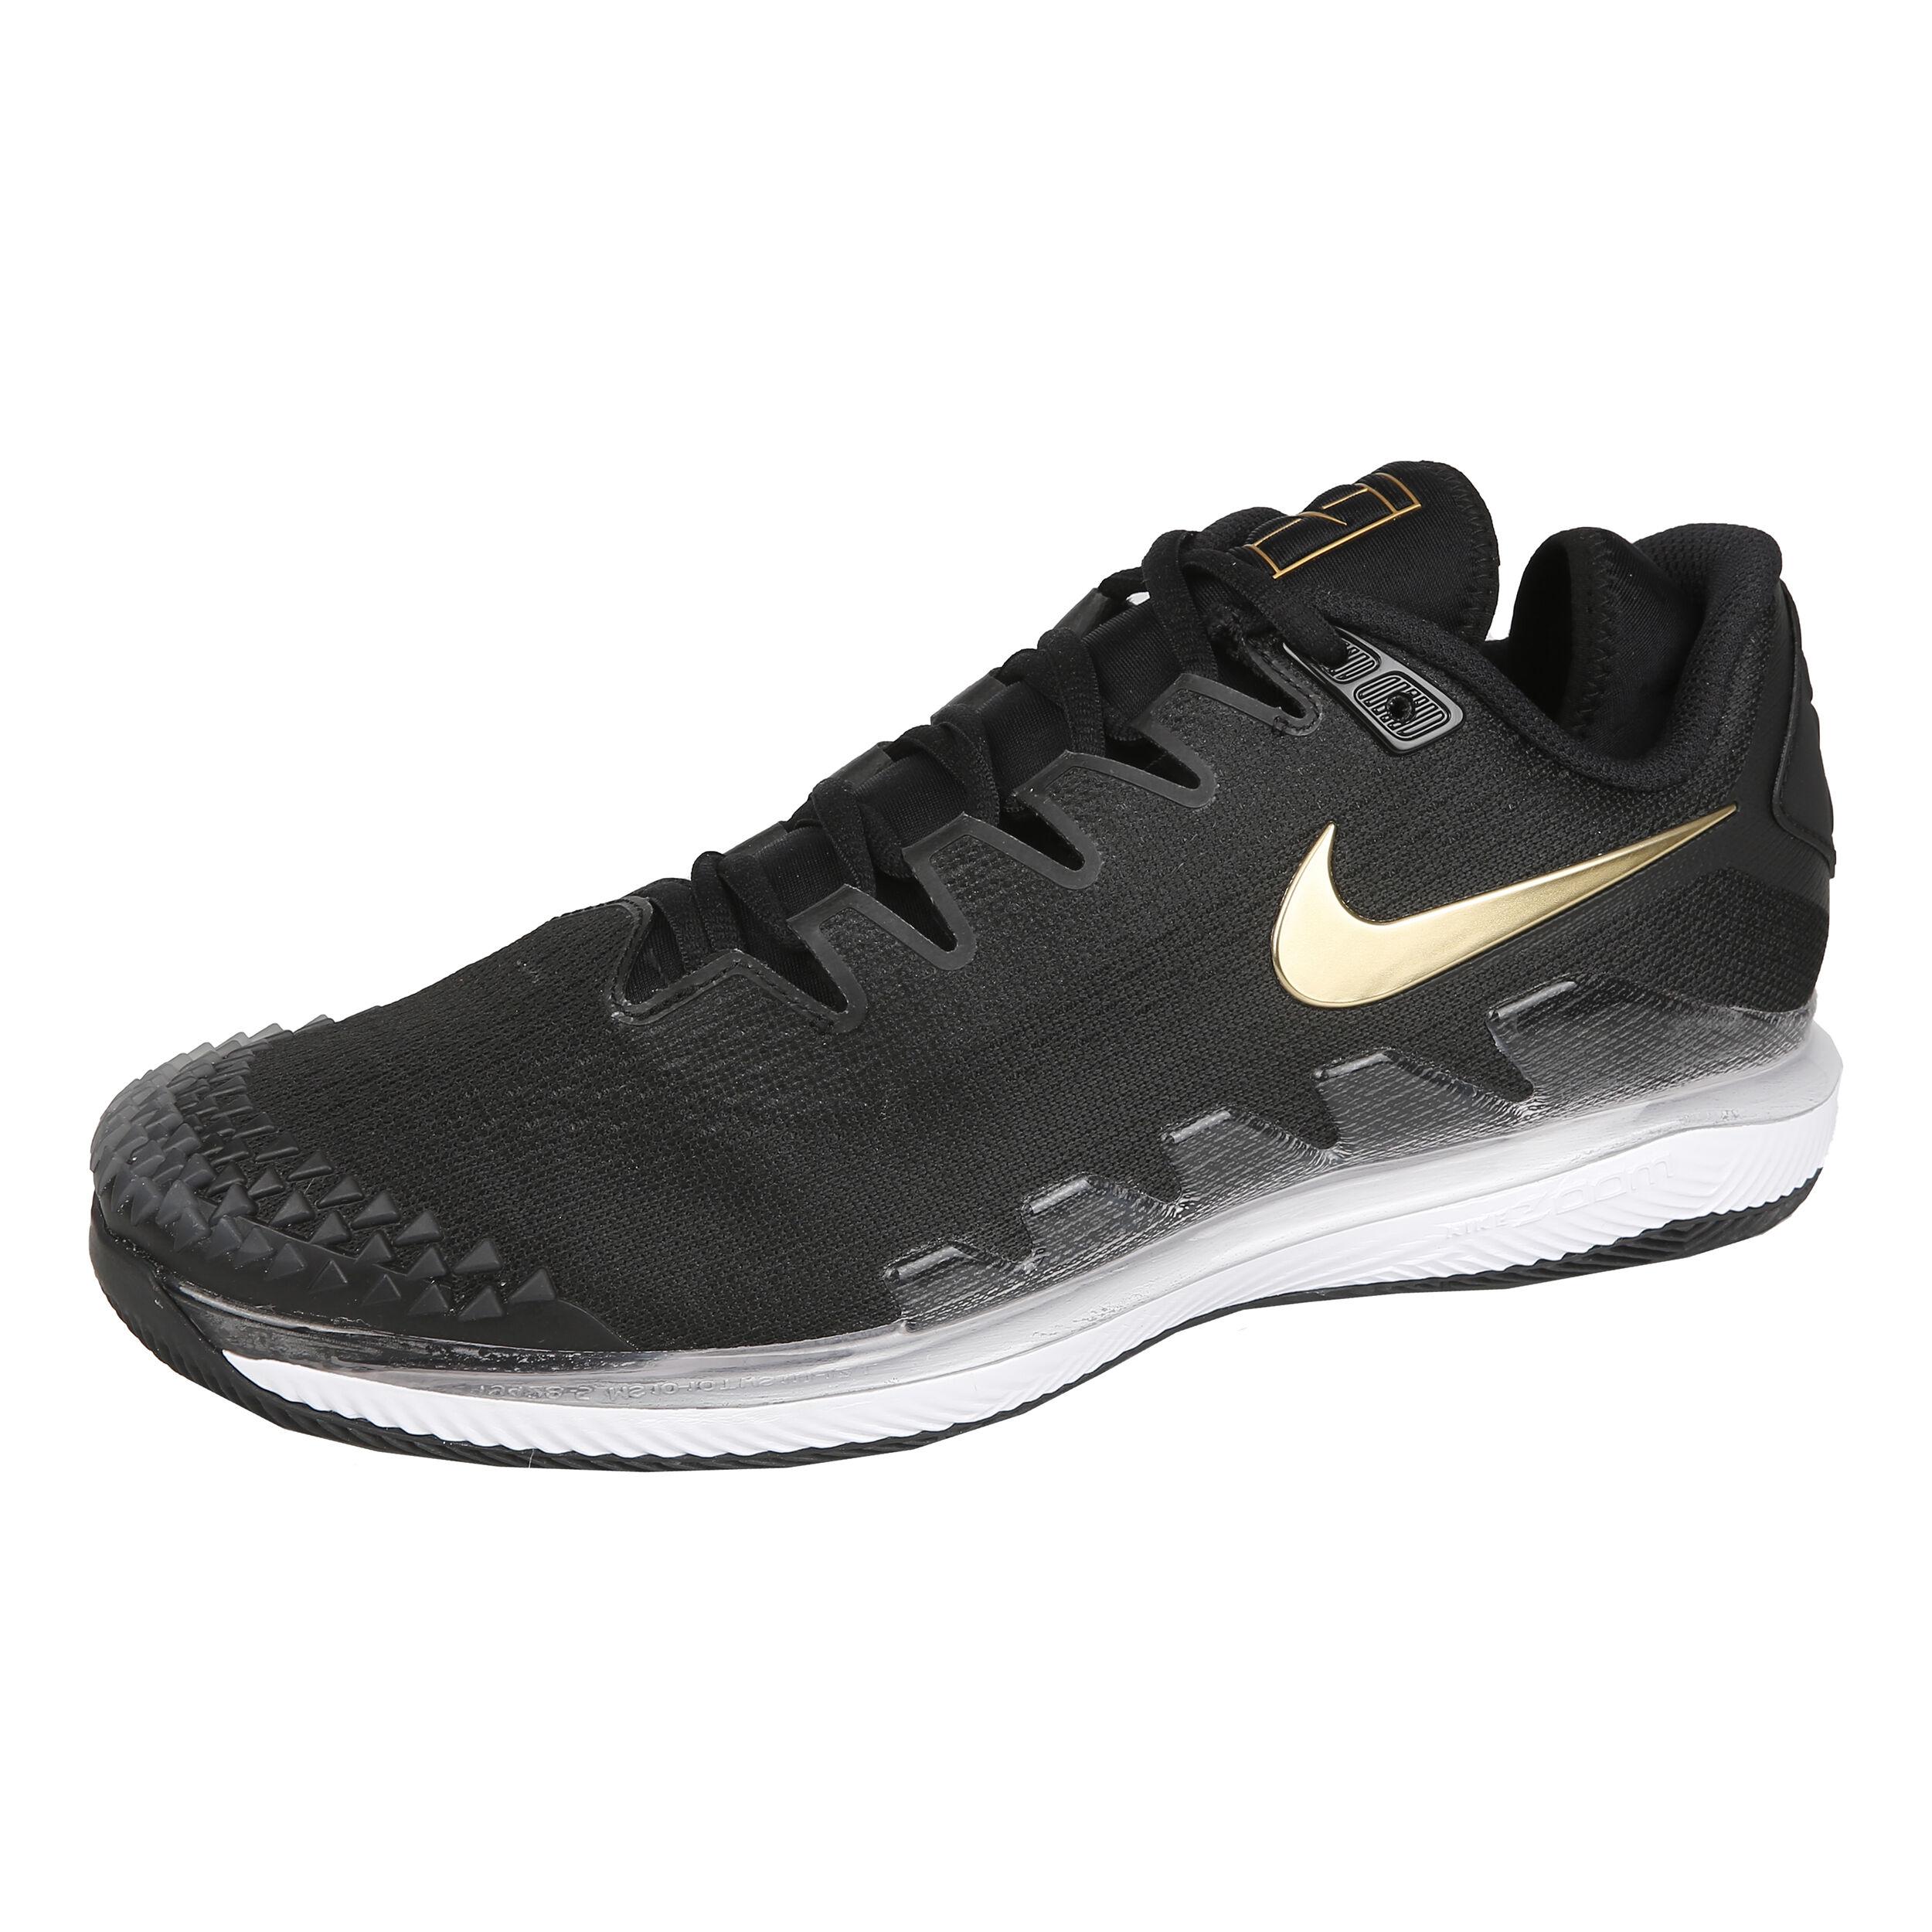 Nike Air Zoom Vapor X Knit Zapatilla Todas Las Superficies